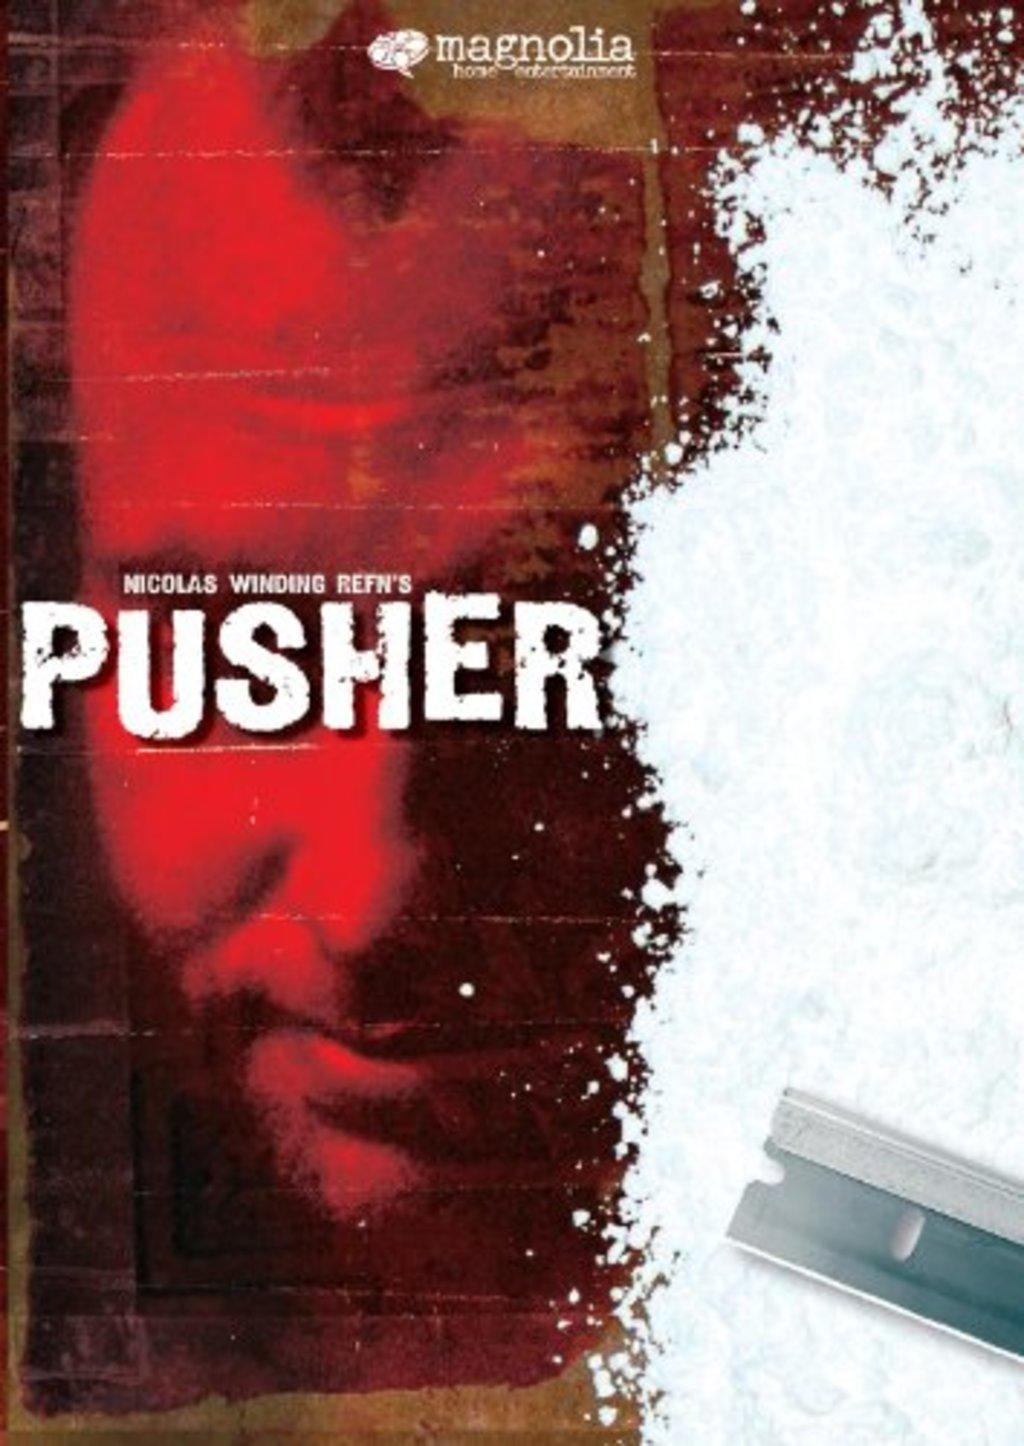 Pusher 1 Poster.jpg